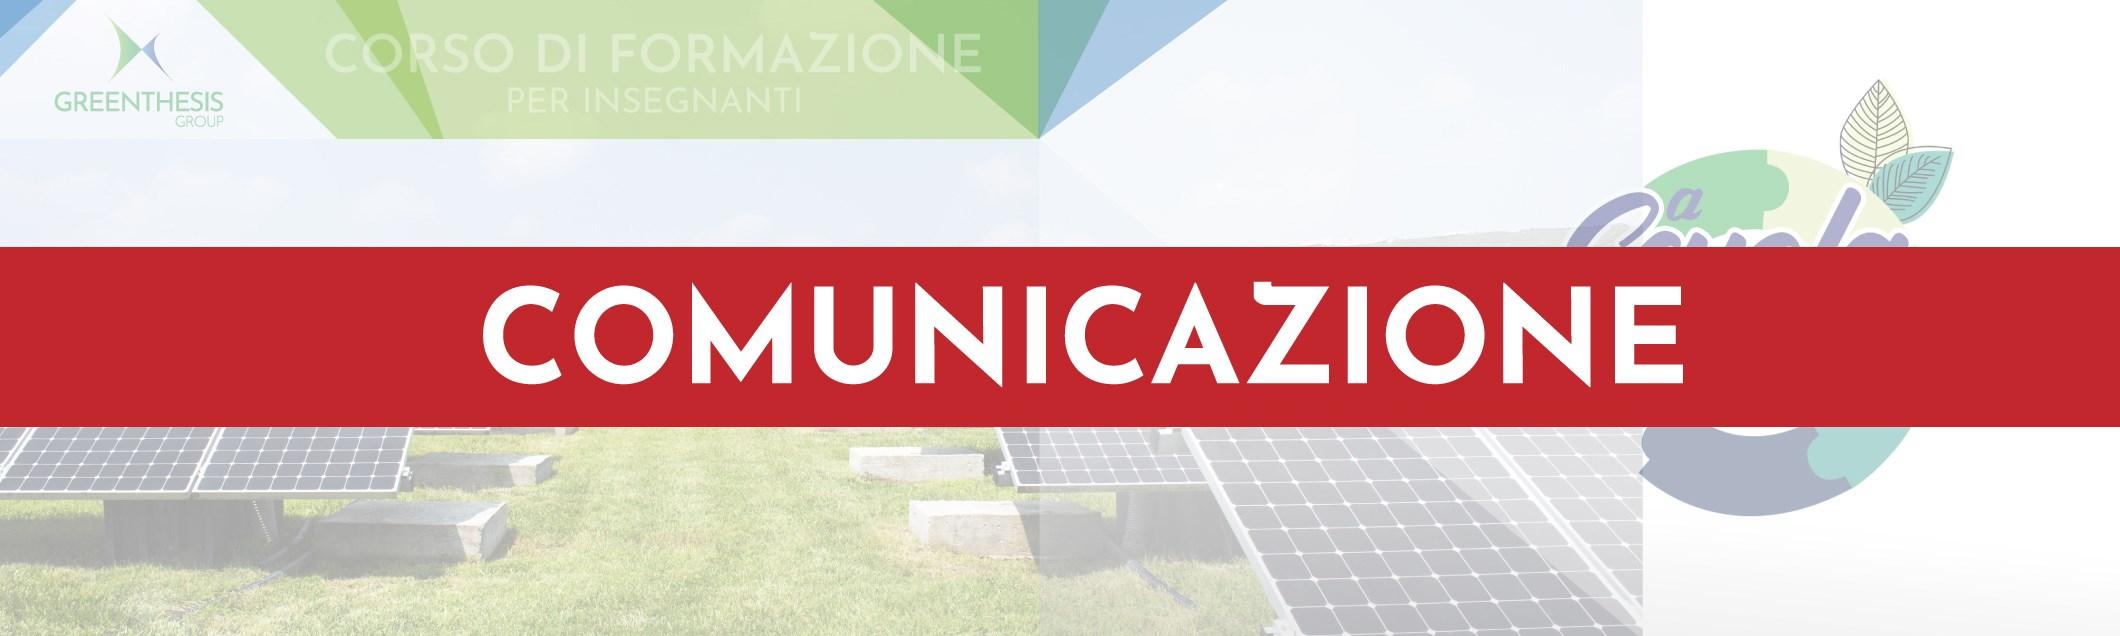 Coronavirus: Greenthesis, annullati convegni su economia circolare a Torino e Padova